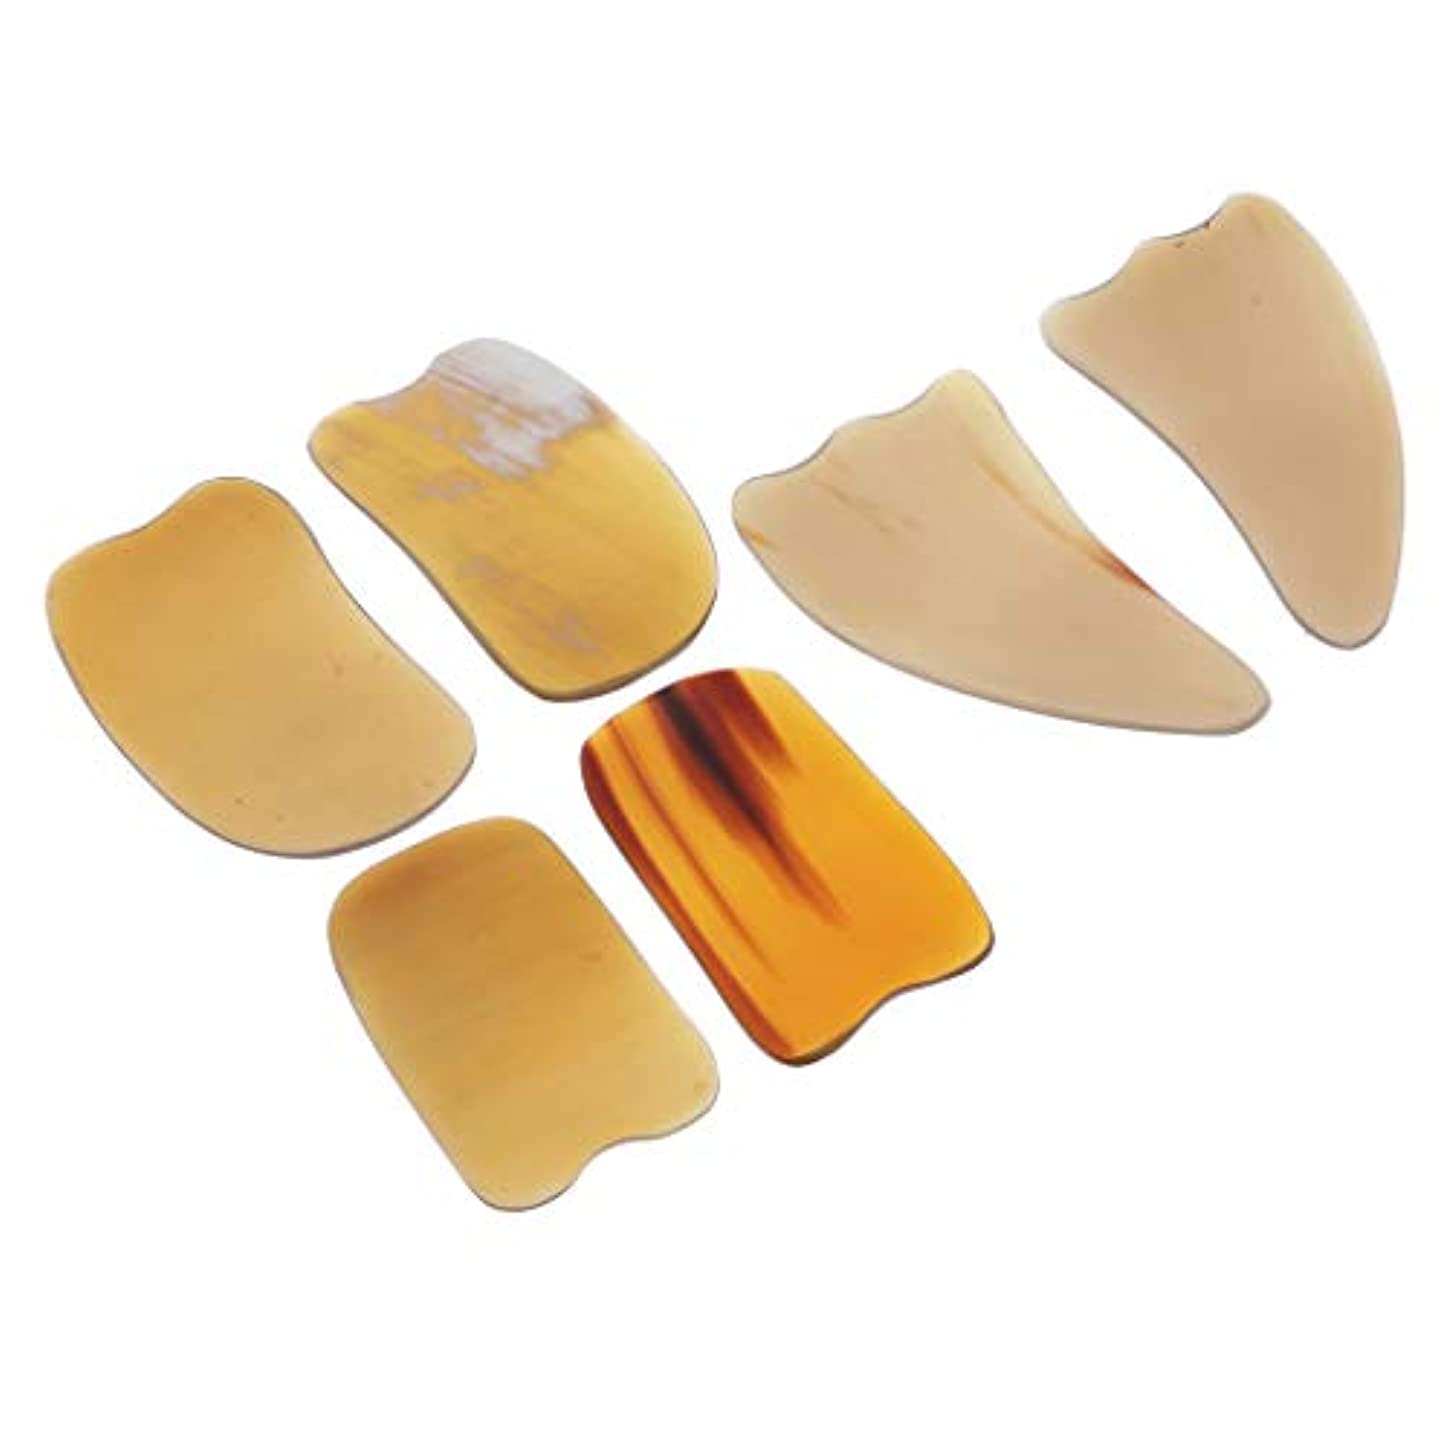 ピーク作成者伴うスクレイピングボード カッサボード カッサマッサージ道具 ボディマッサージ SPA 角形